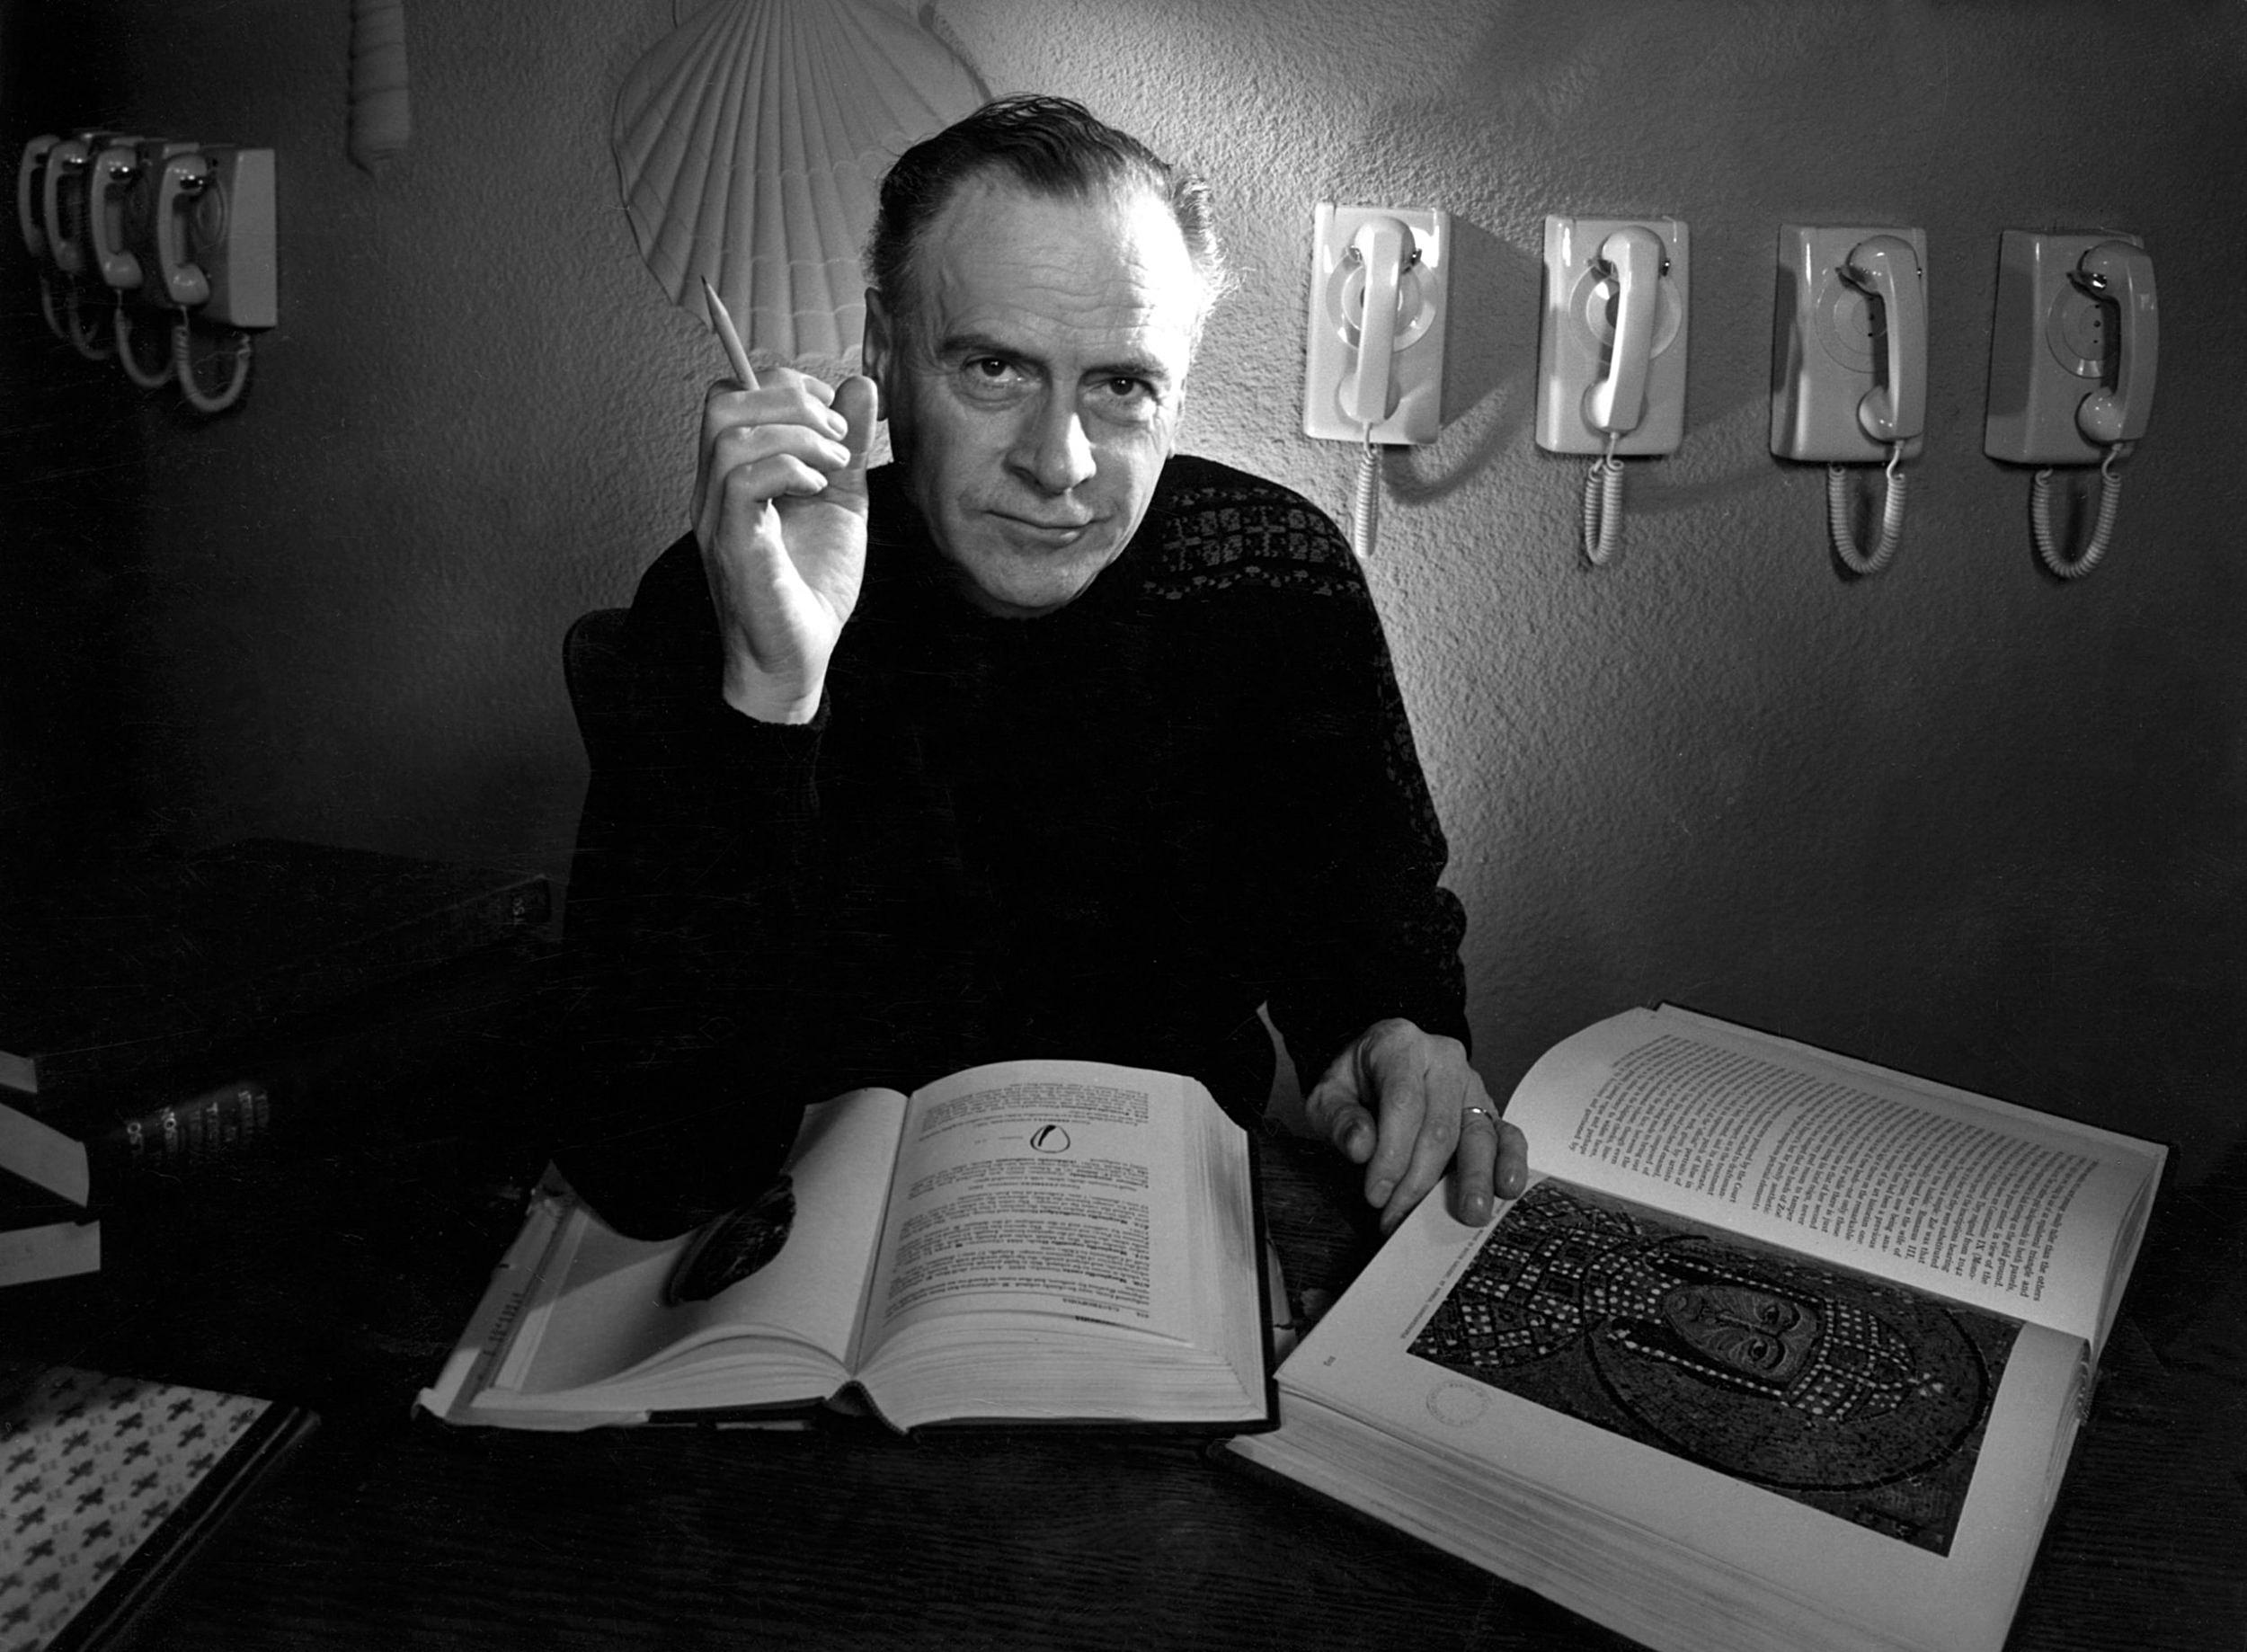 Marshall McLuhan by Yousuf Karsh, 1967